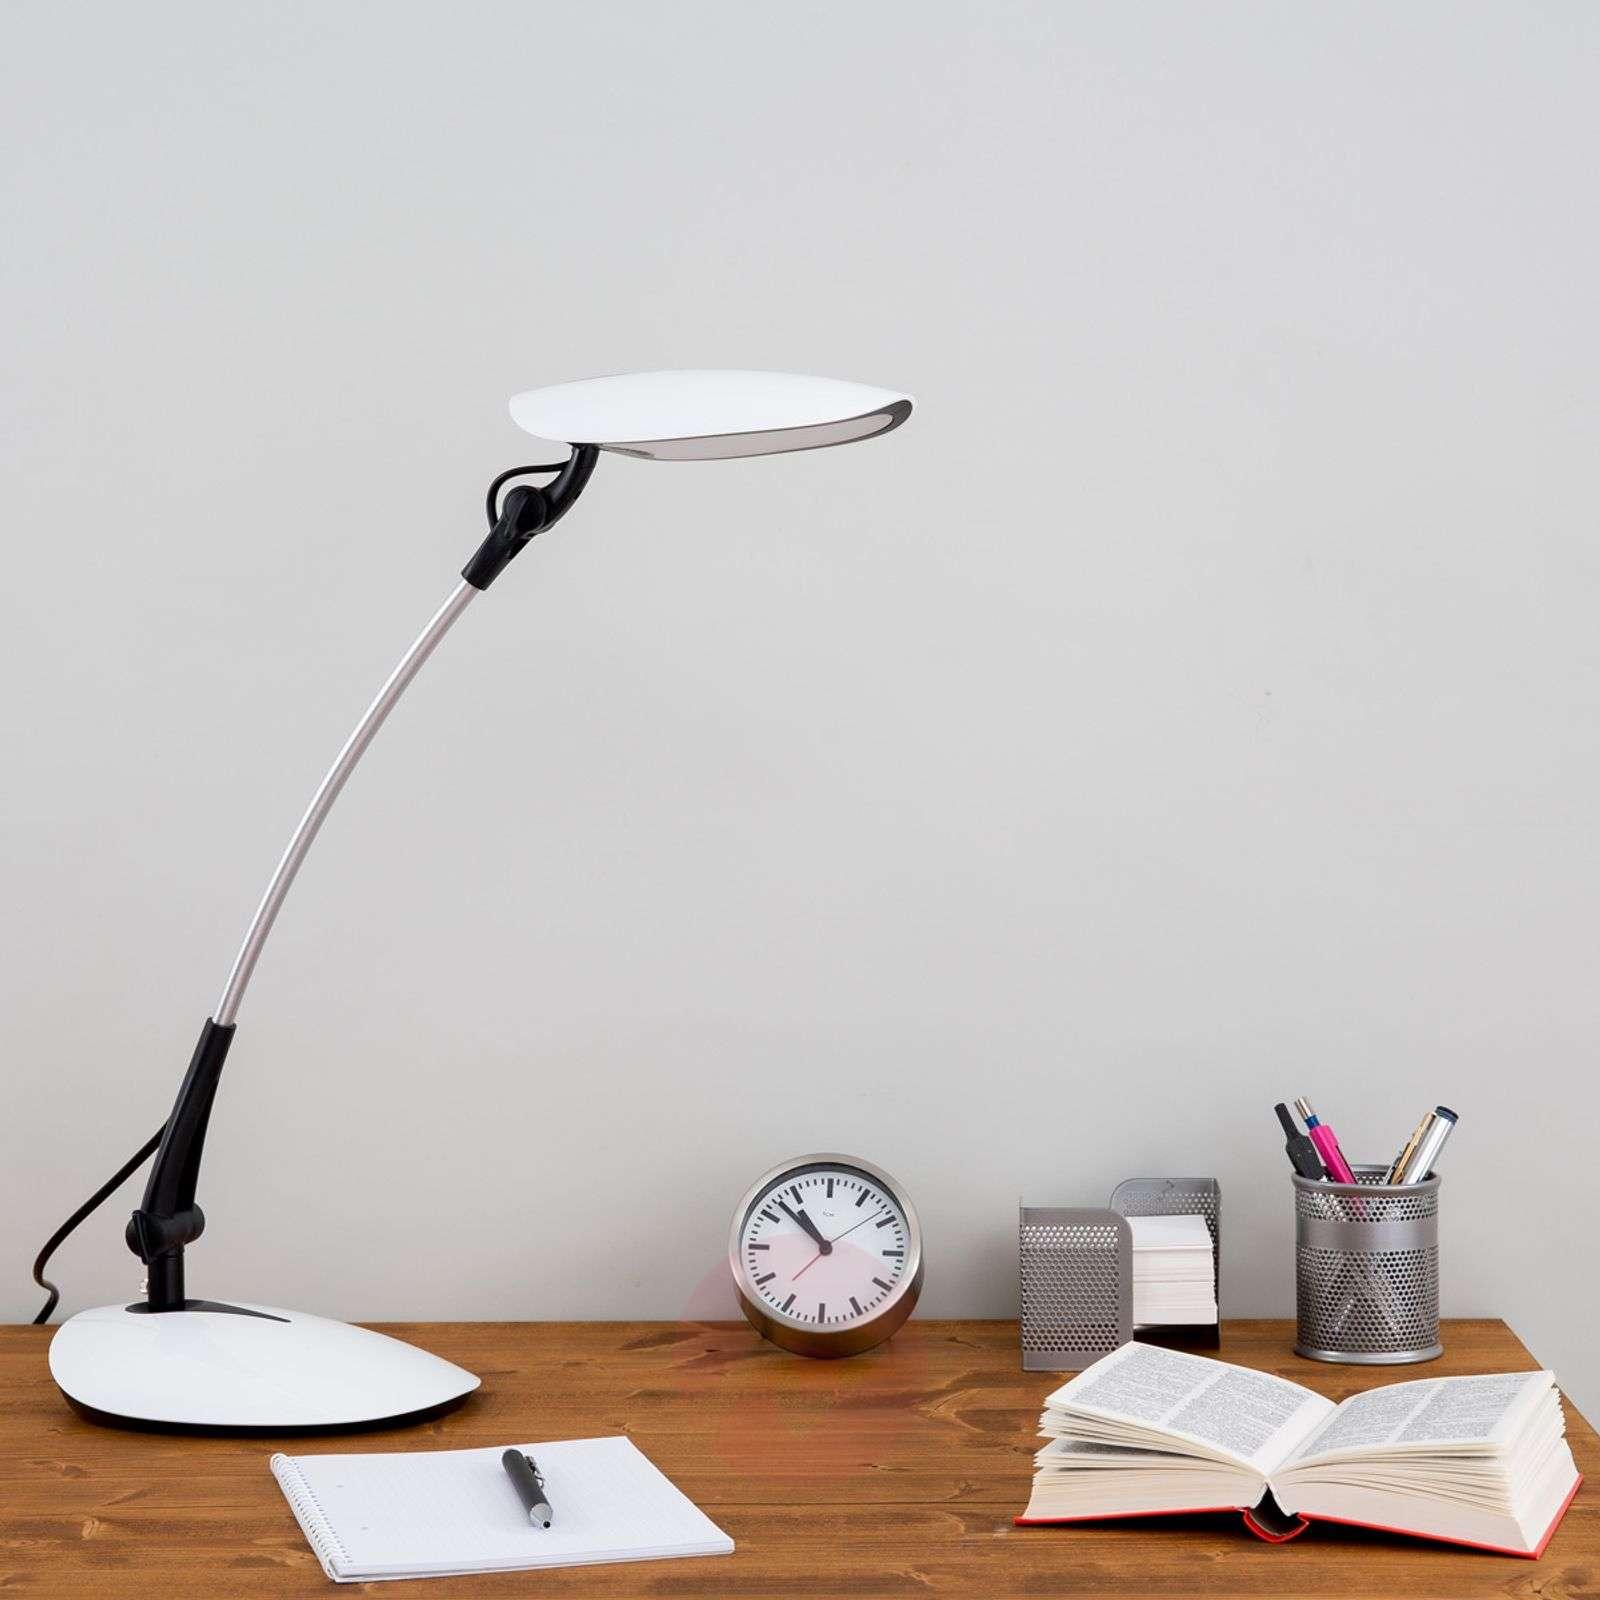 LED desk lamp Havin in white-9643020-01